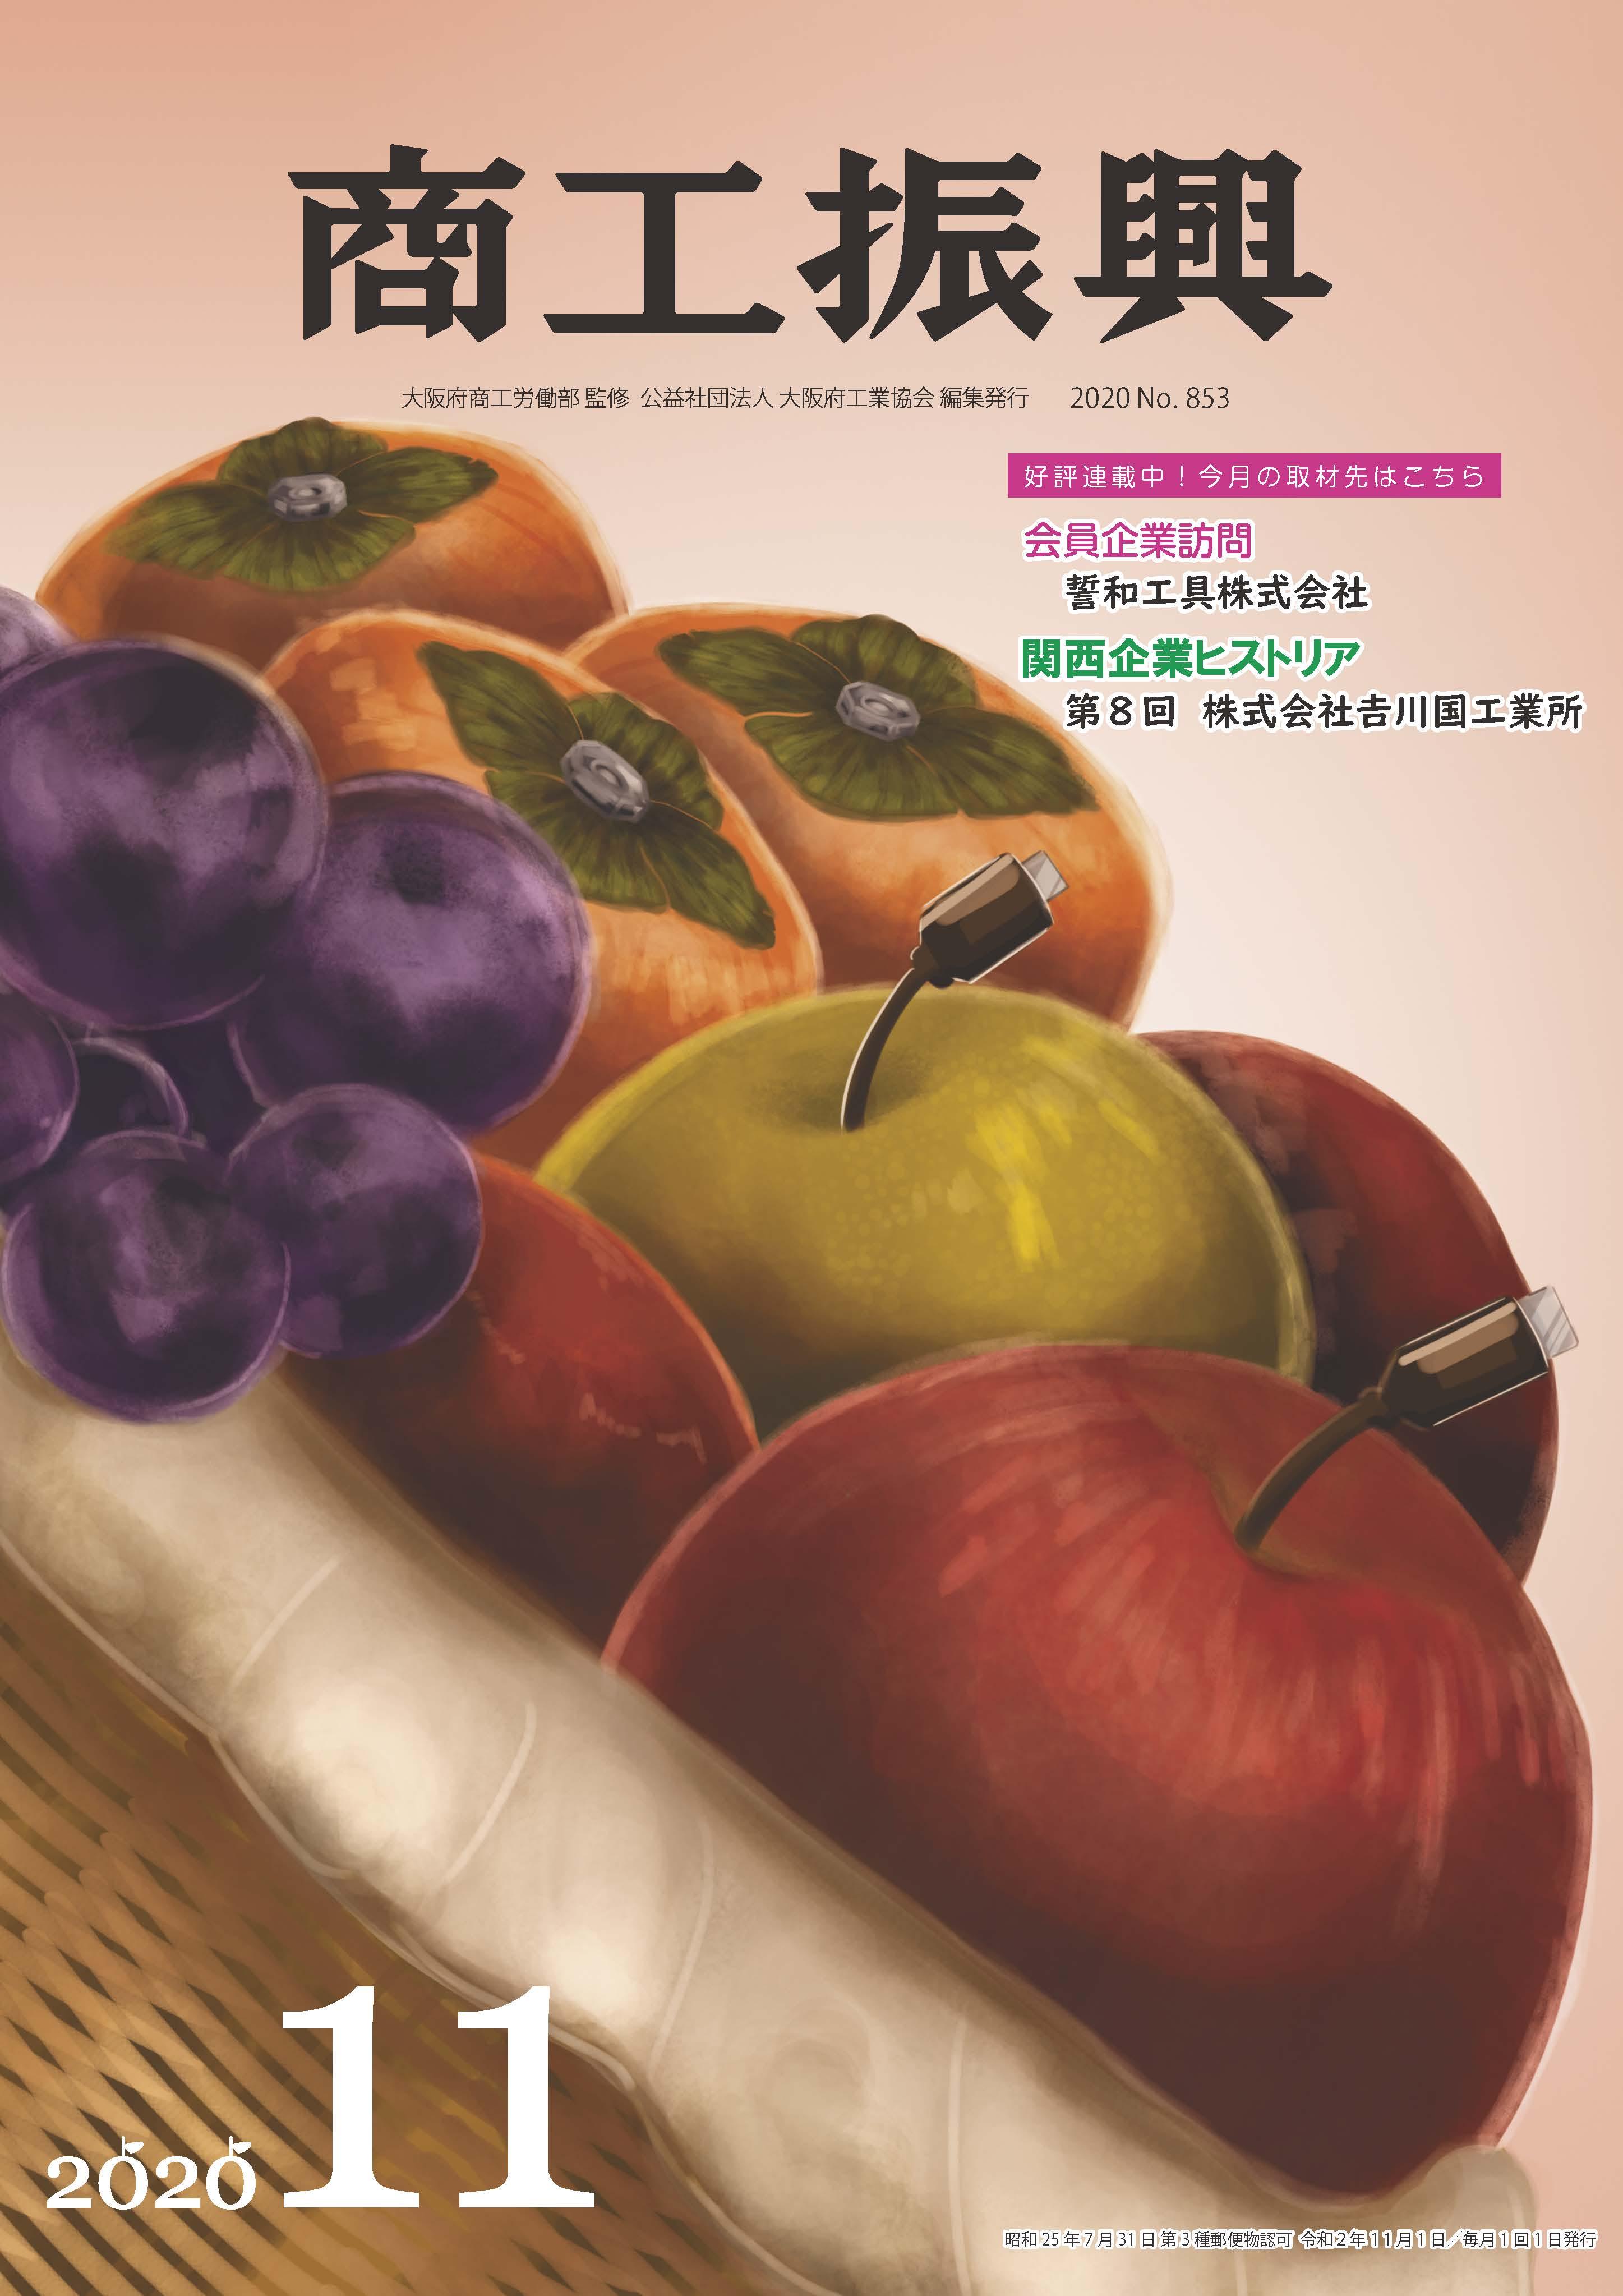 (公社)大阪府工業協会の機関紙「商工振興」10月号に寄稿しました